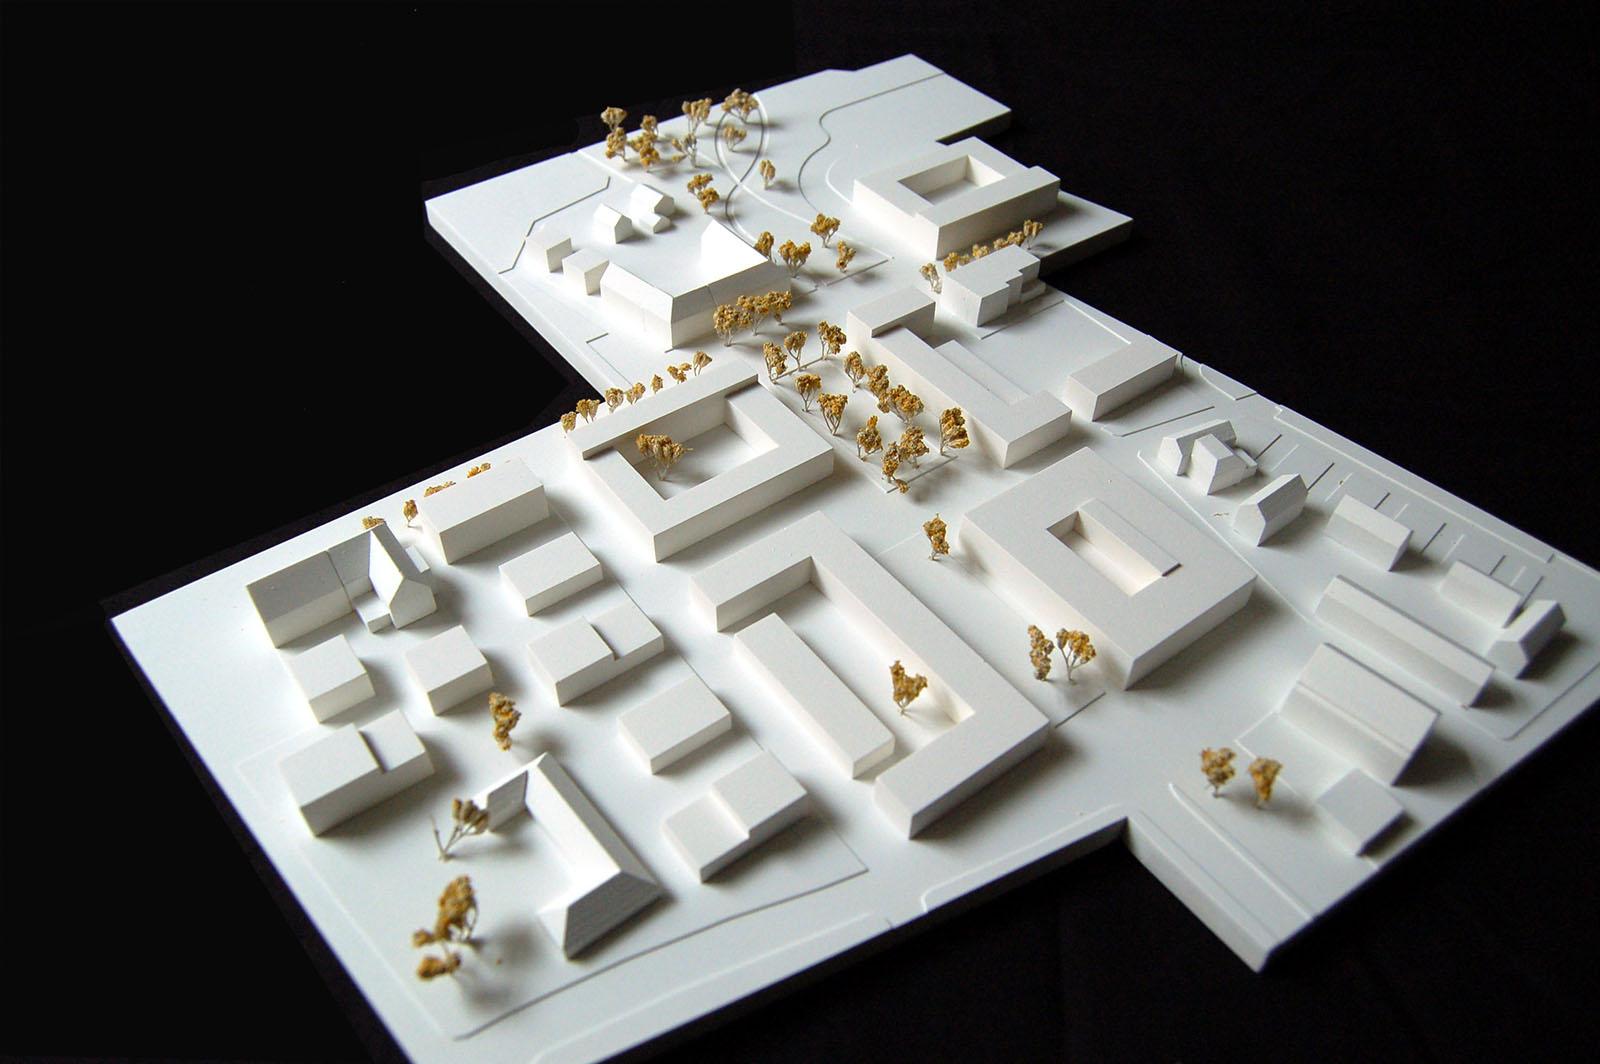 FPZ_Architekten_Konigsbrunn1